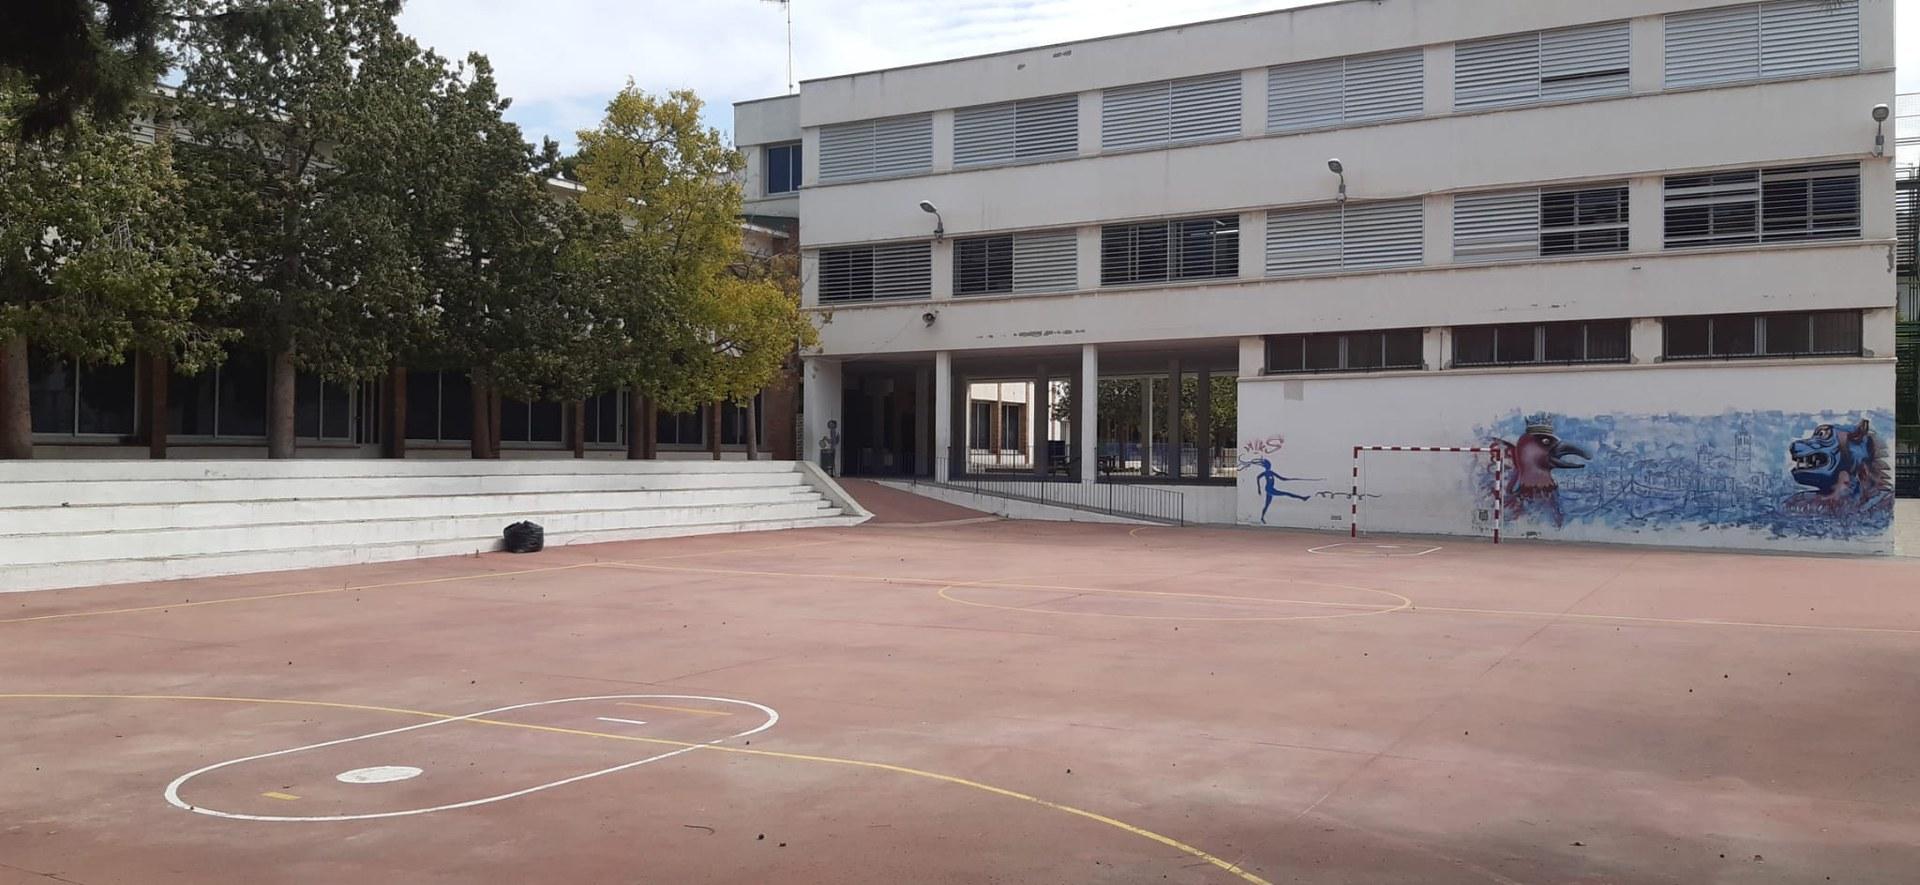 Jornada de Portes Obertes a l'Escola Esteve Barrachina (Preinscripció Curs Escolar 2021-2022) -Virtual-